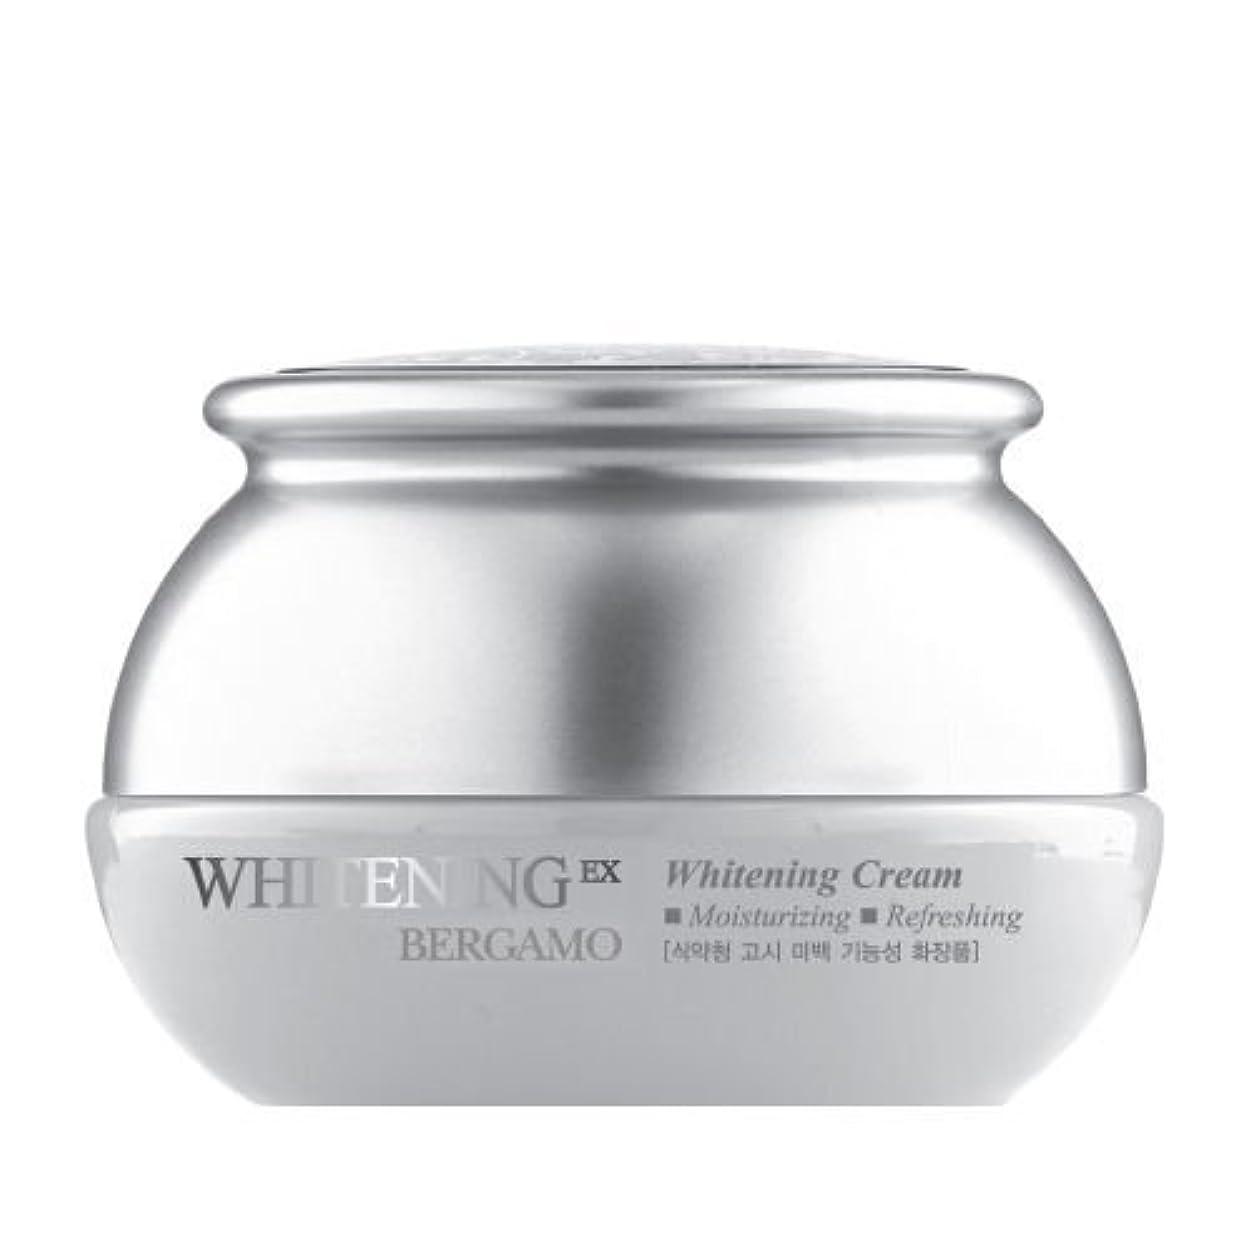 市場スリチンモイ名前でベルガモ[韓国コスメBergamo]Whitening EX Wrinkle Care Cream ホワイトニングEXリンクルケアクリーム50ml しわ管理 [並行輸入品]